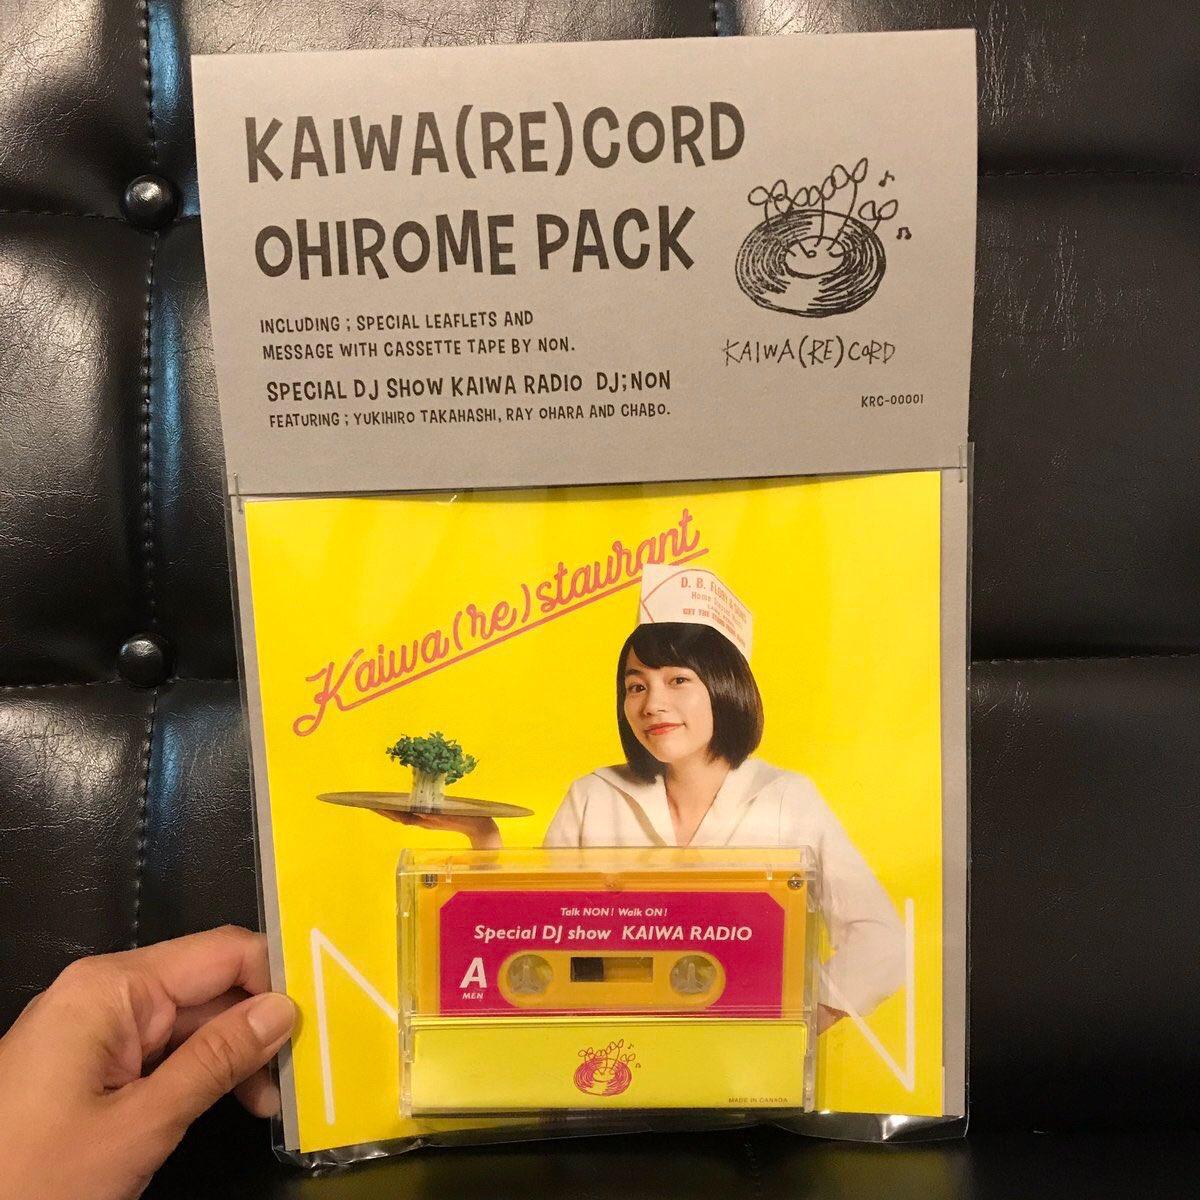 限定500部 のん WORLD HAPPINESS 2017 KAIWA (RE) CORD お祝い品 オヒロメ・パック タワレコポスター付き